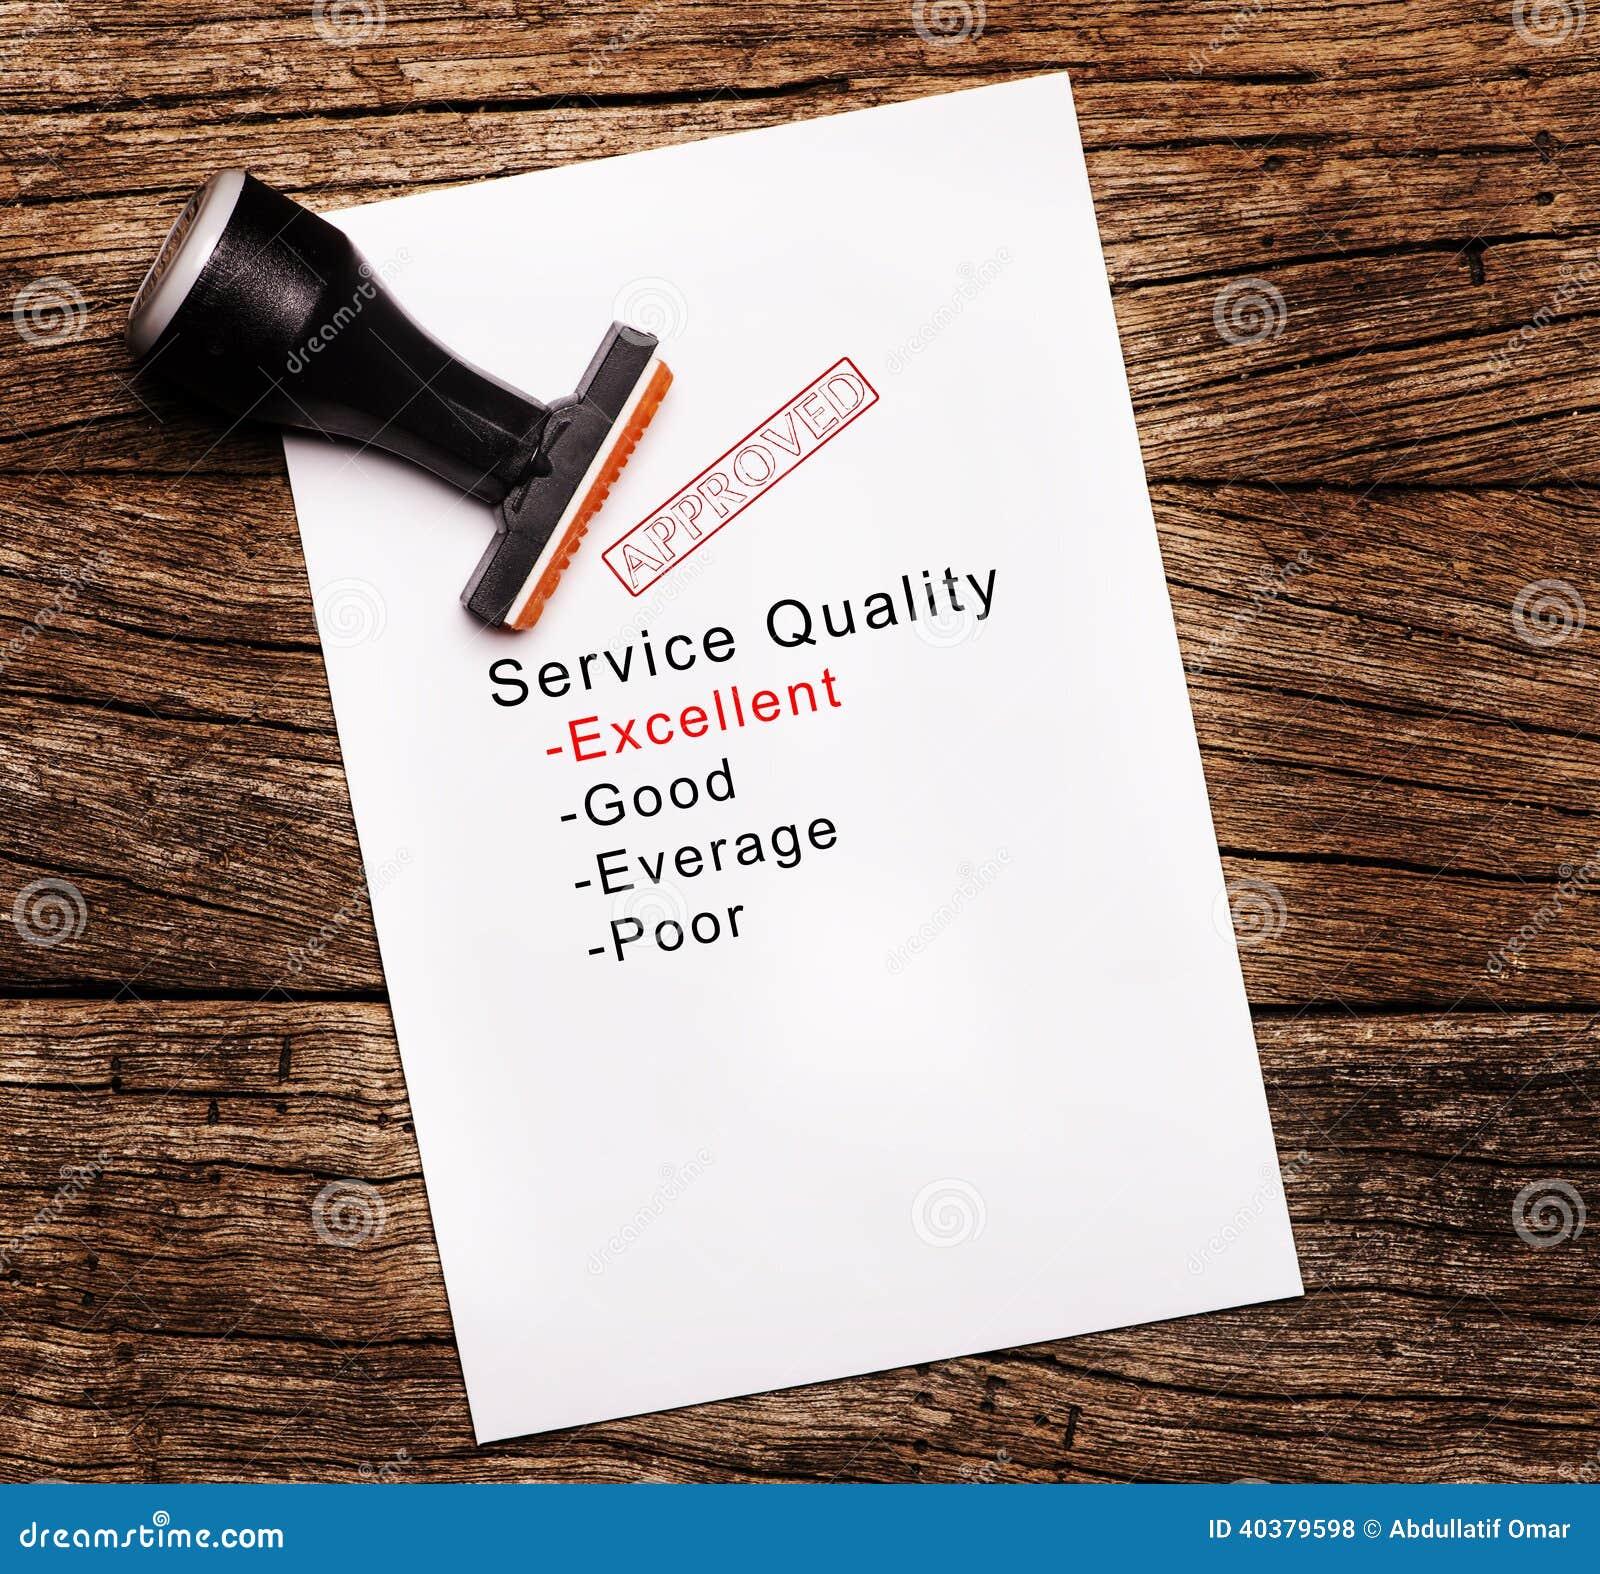 Avaliação excelente da qualidade do serviço no papel sobre o fundo de madeira